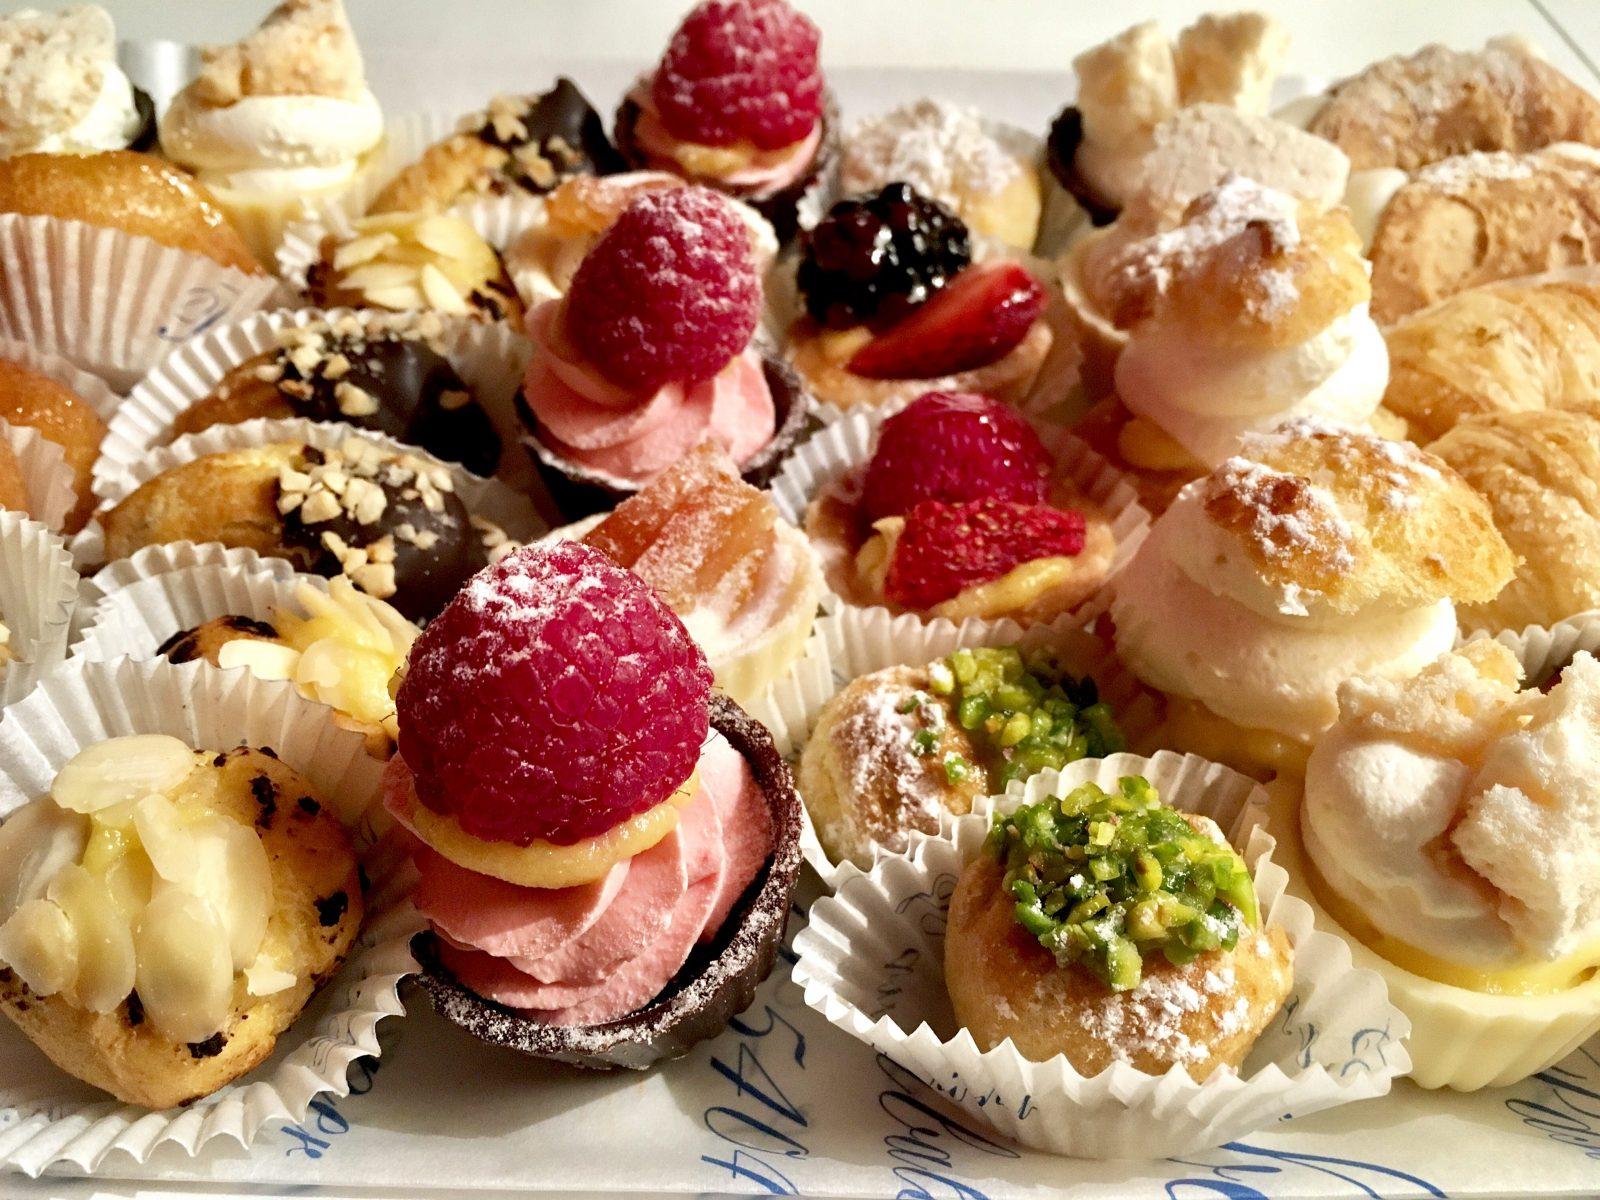 Pasticini, italienske småkaker